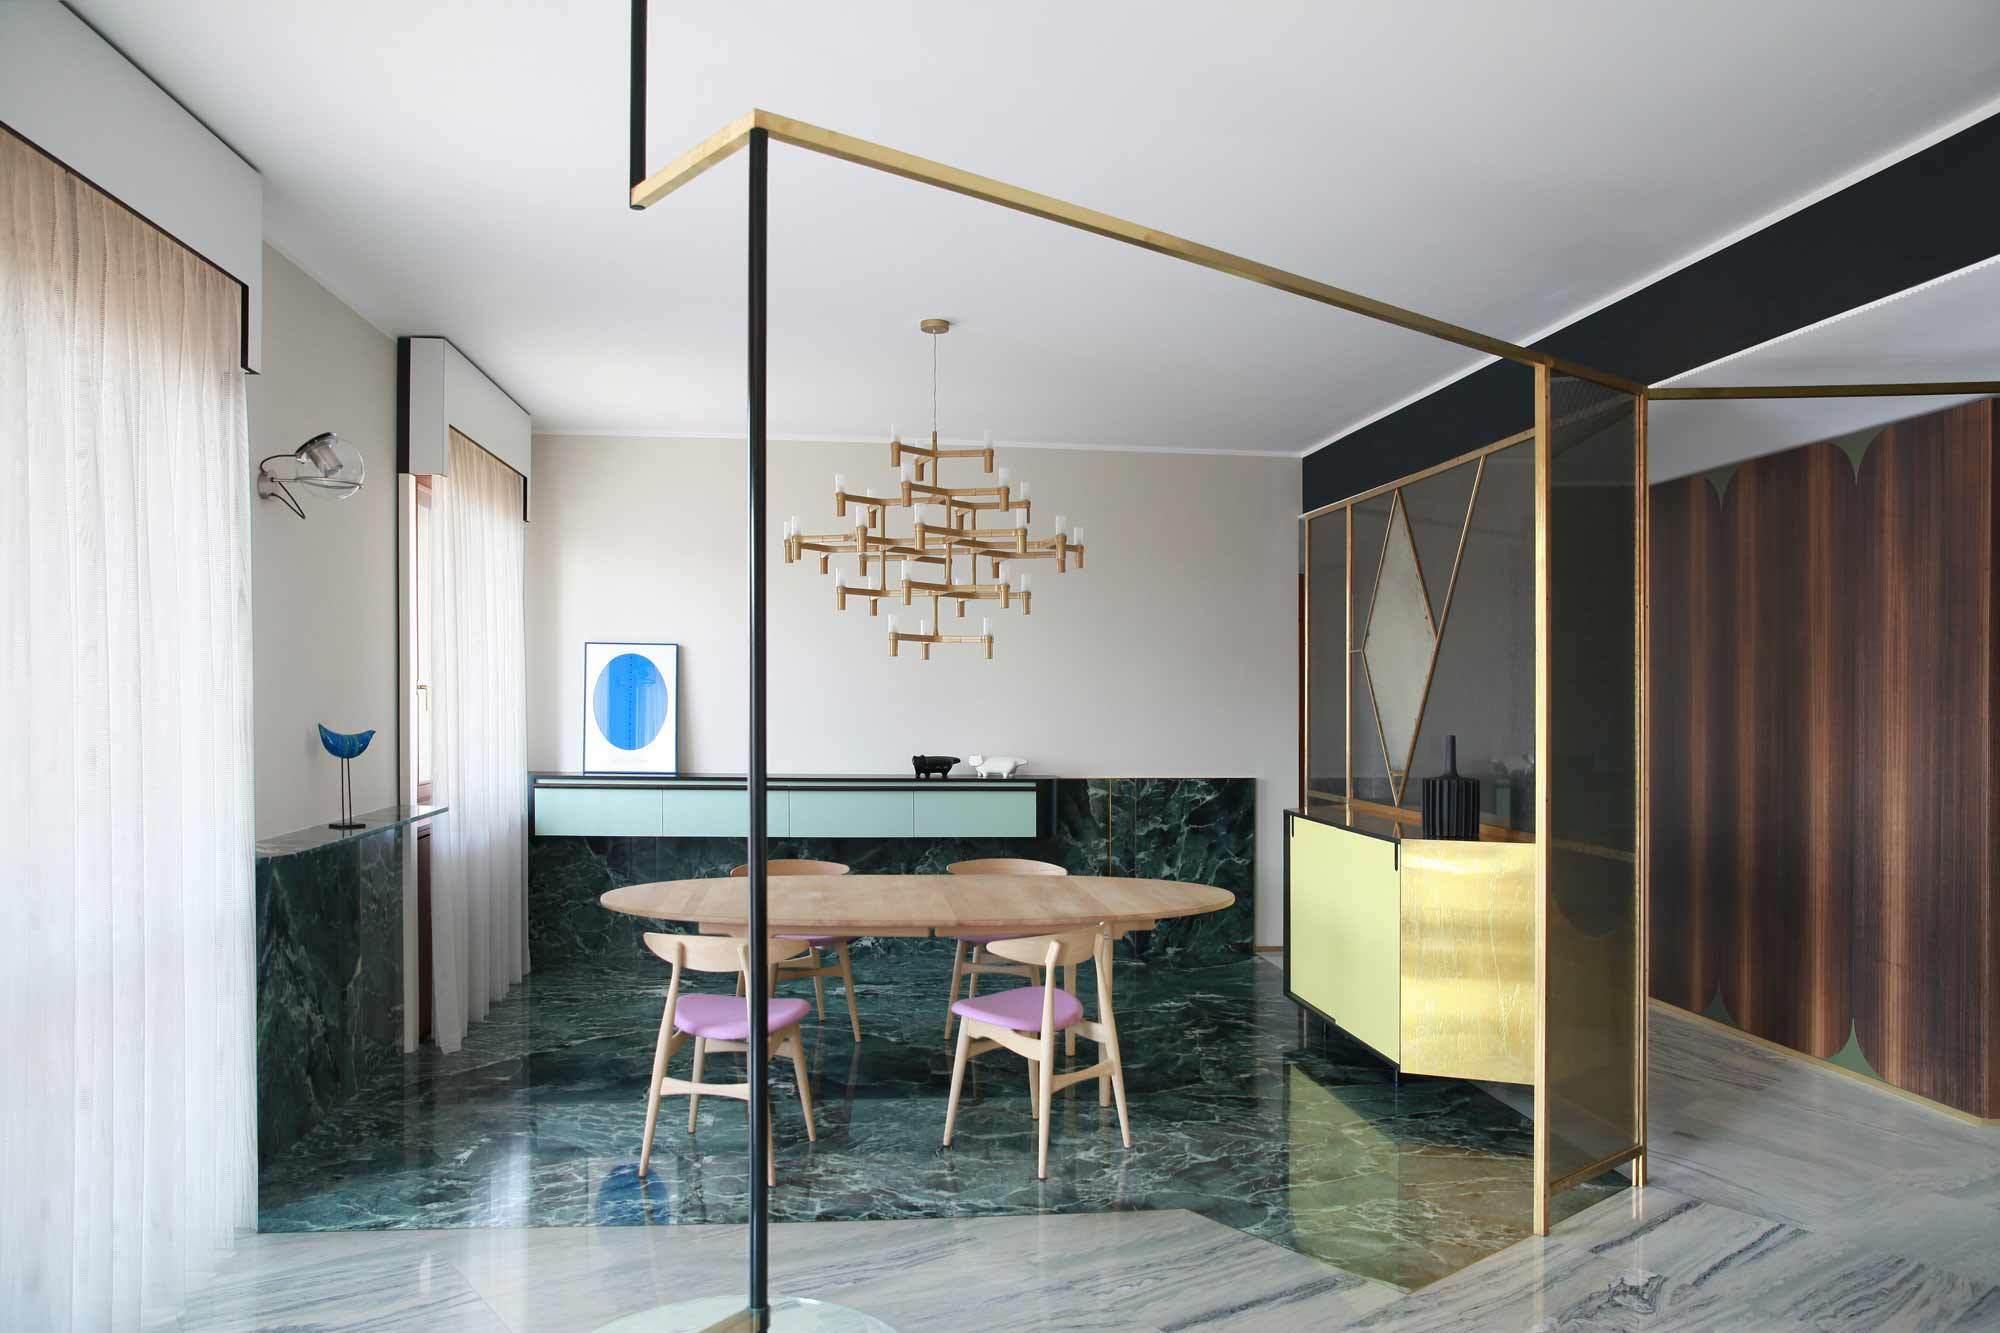 Bei dem Umbau einer Wohnung in Mailand kombieren die Turiner Architekten Andrea Marcante und Adelaide Testa die zweckmäßige Funktionalität der Sechzigerjahre mit bürgerlicher Opulenz und einfaches Laminat mit exklusiven Marmor. Foto: Carola Ripamonti